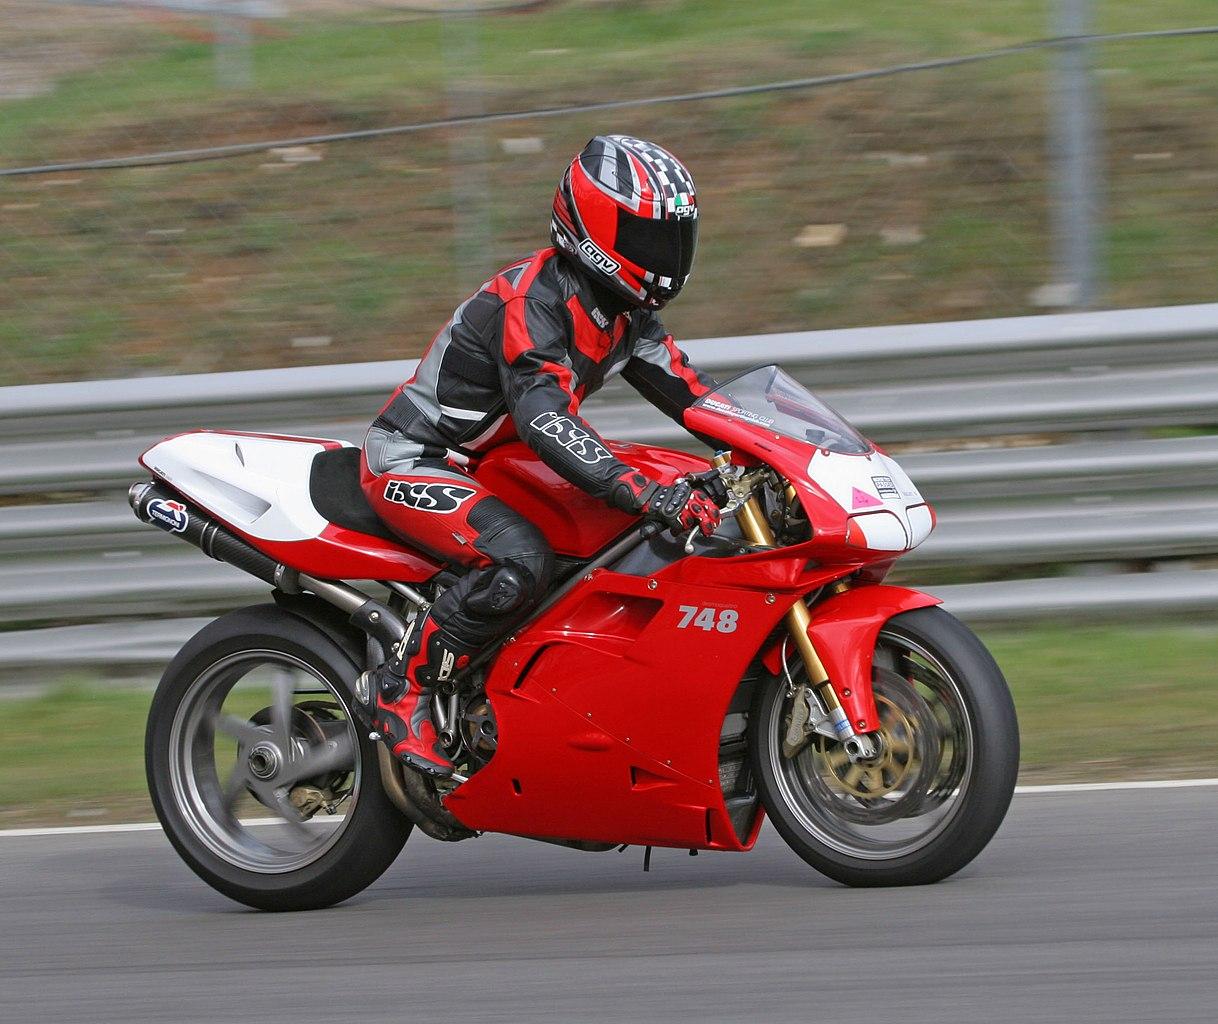 Ducati Sp Specs